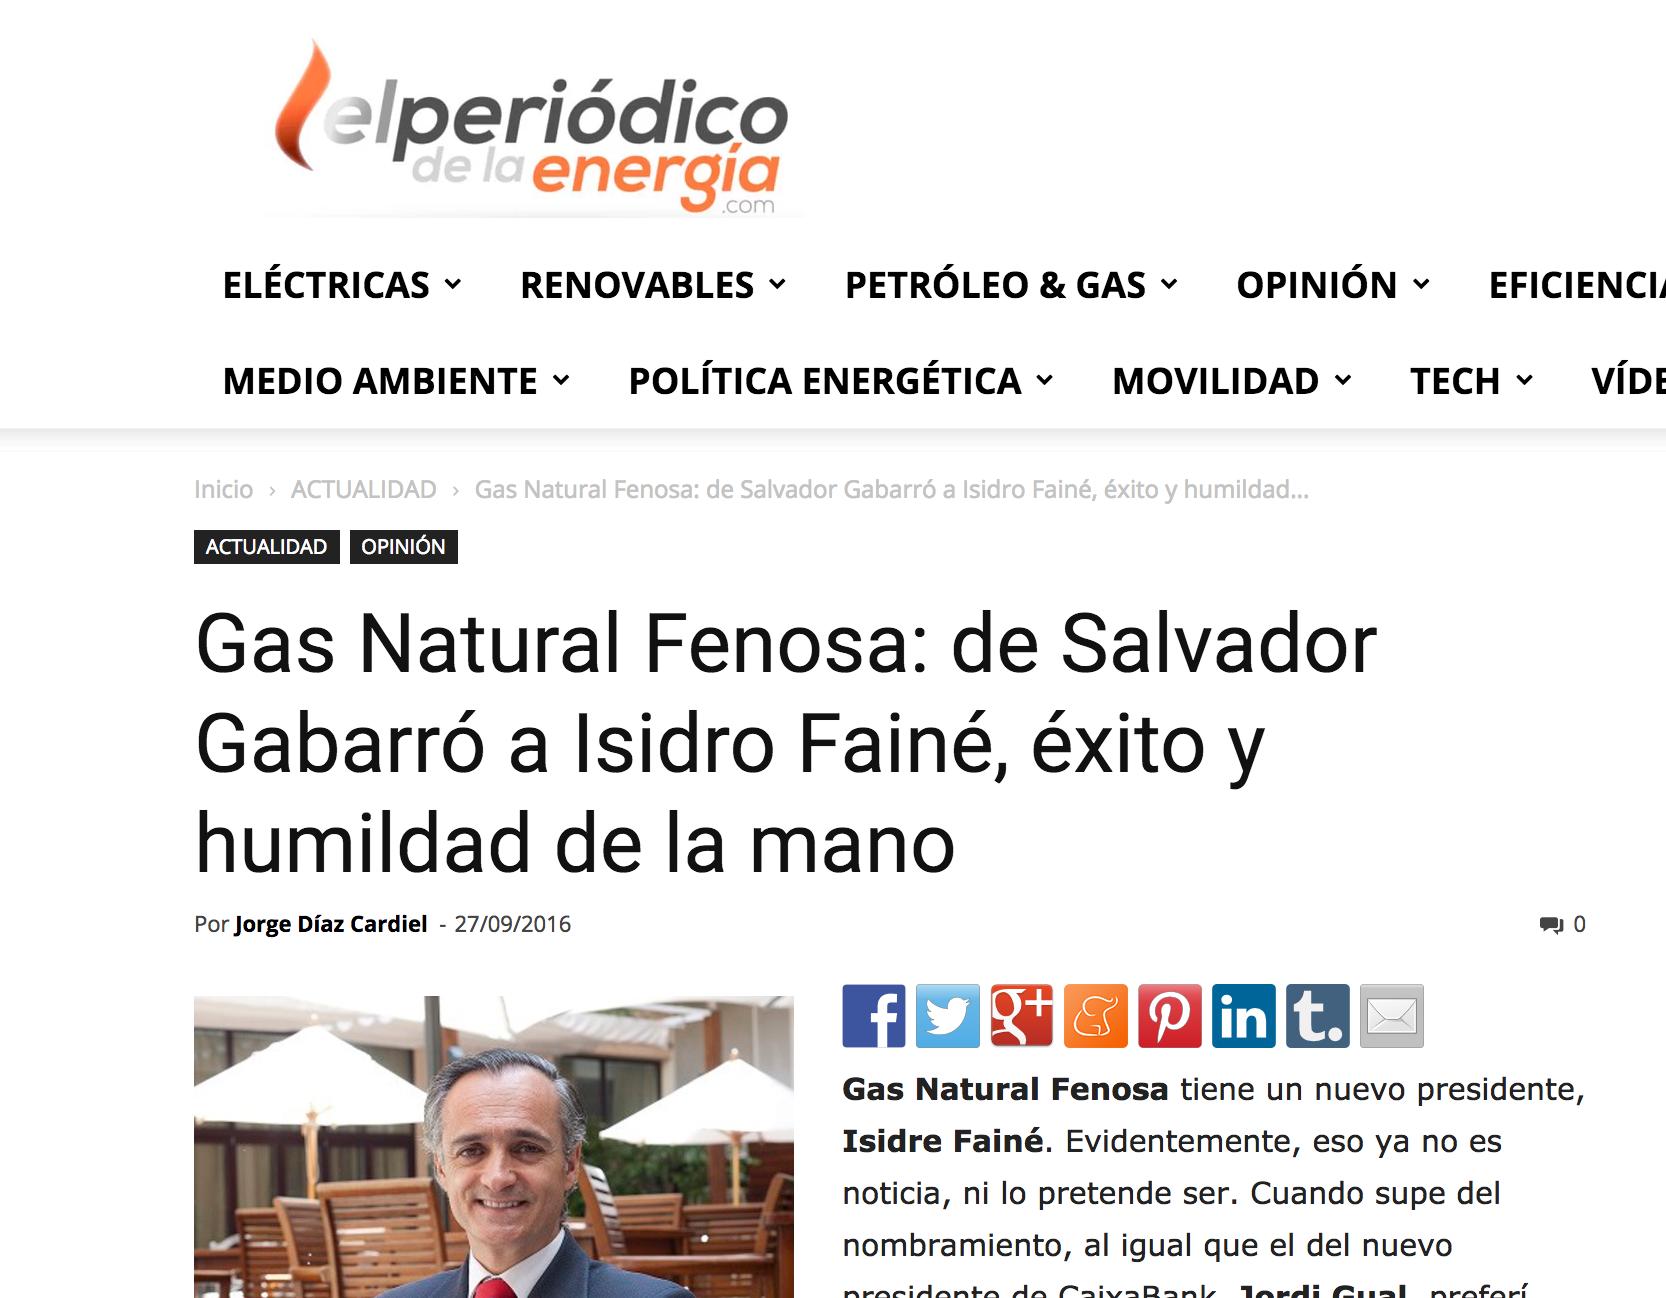 Articulo de Jorge Díaz-Cardiel sobre Gas Natural Fenosa en 'El Periódico de la Energía'